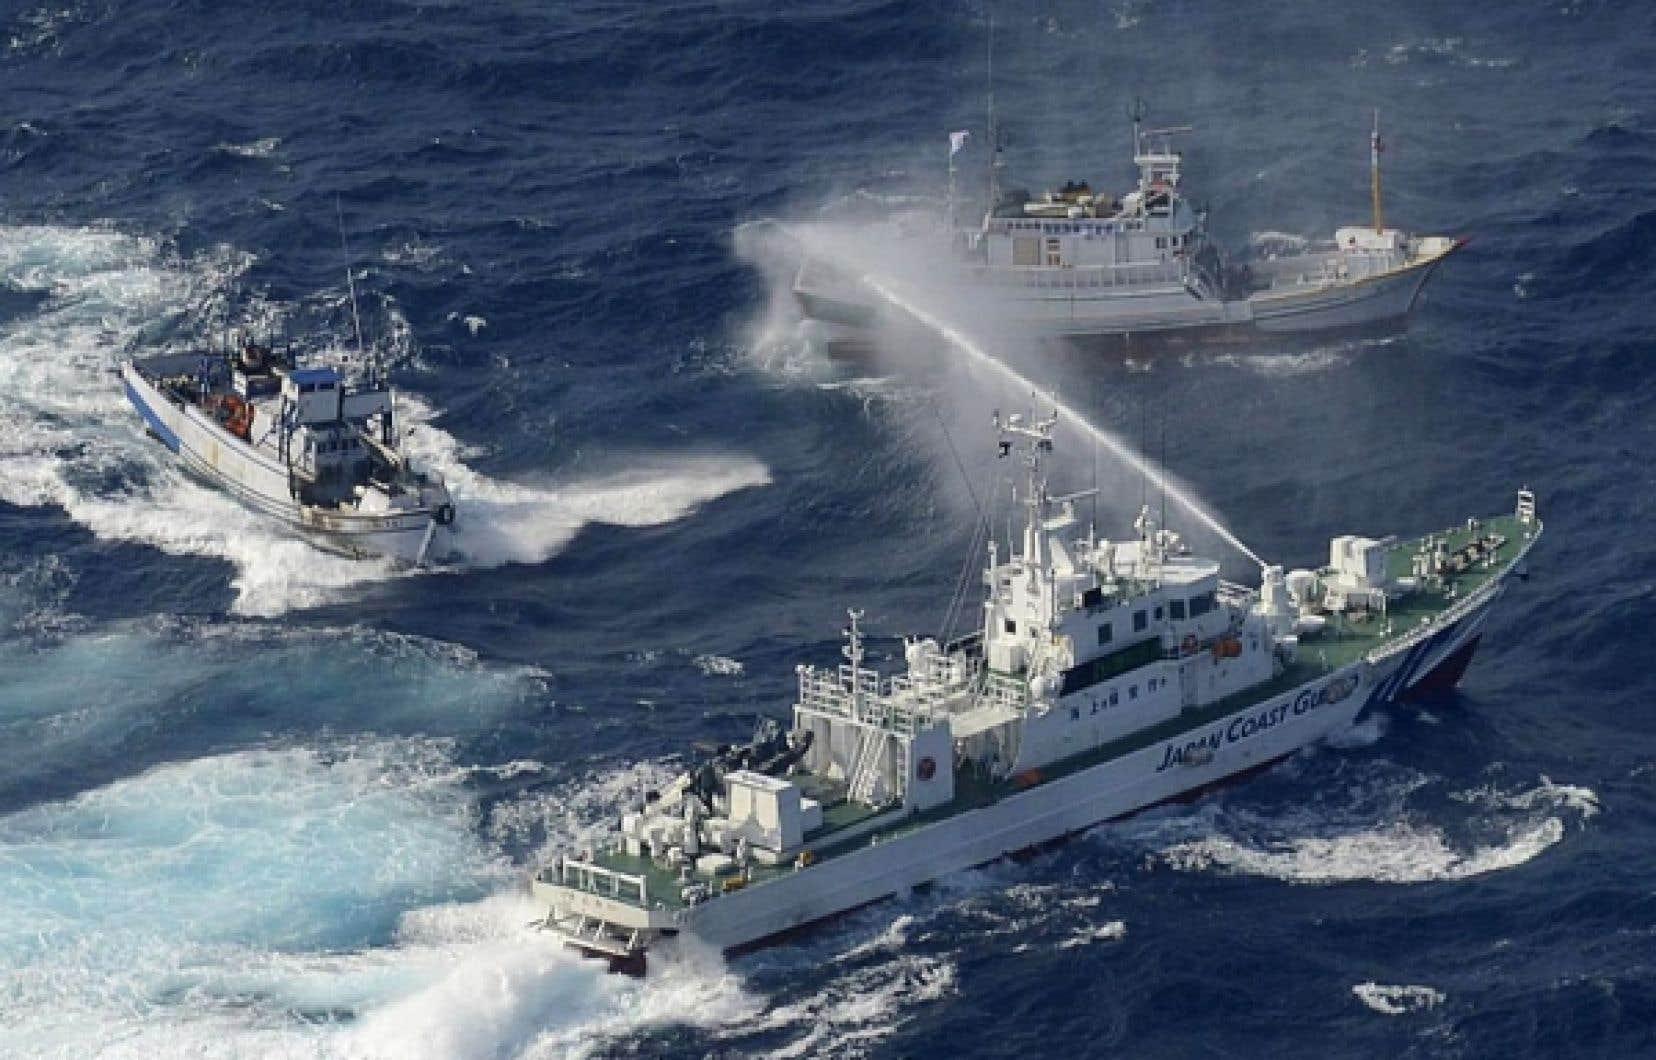 <div> Un navire de la garde côtière japonaise a aspergé d'eau des pêcheurs taïwanais hier.</div>